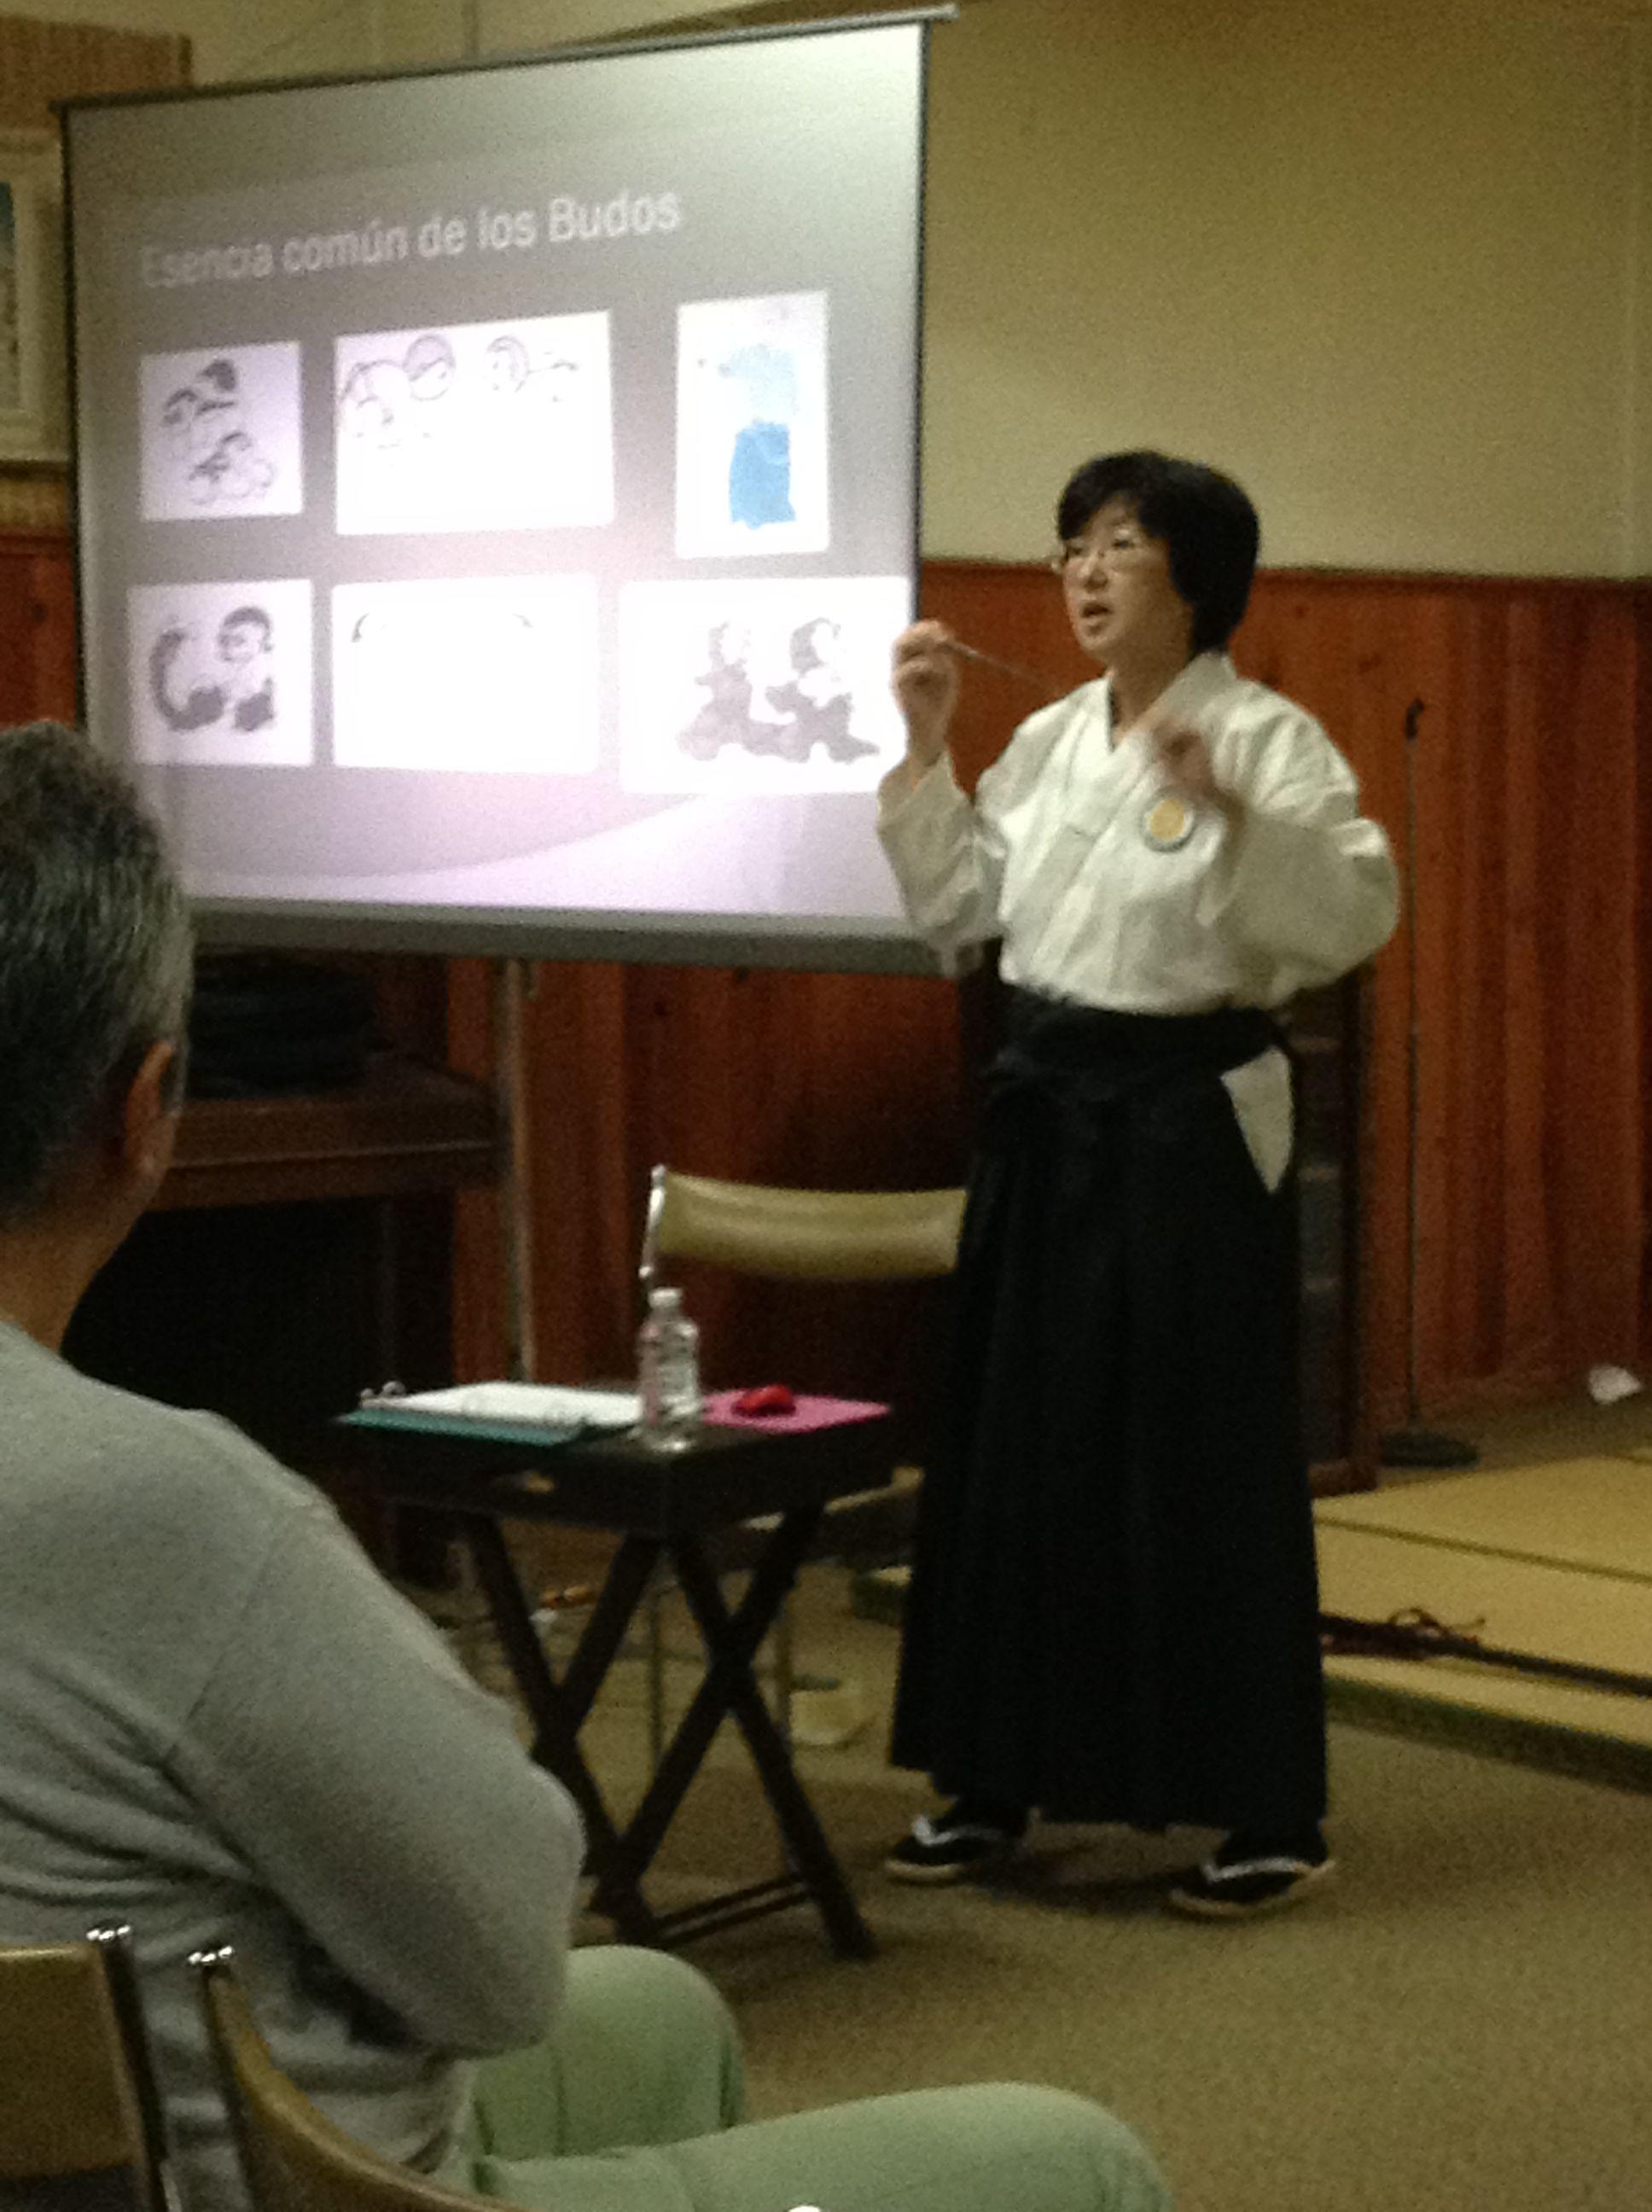 Conferencia de Sensei Tauchi sobre el aikido, 6 de junio de 2013